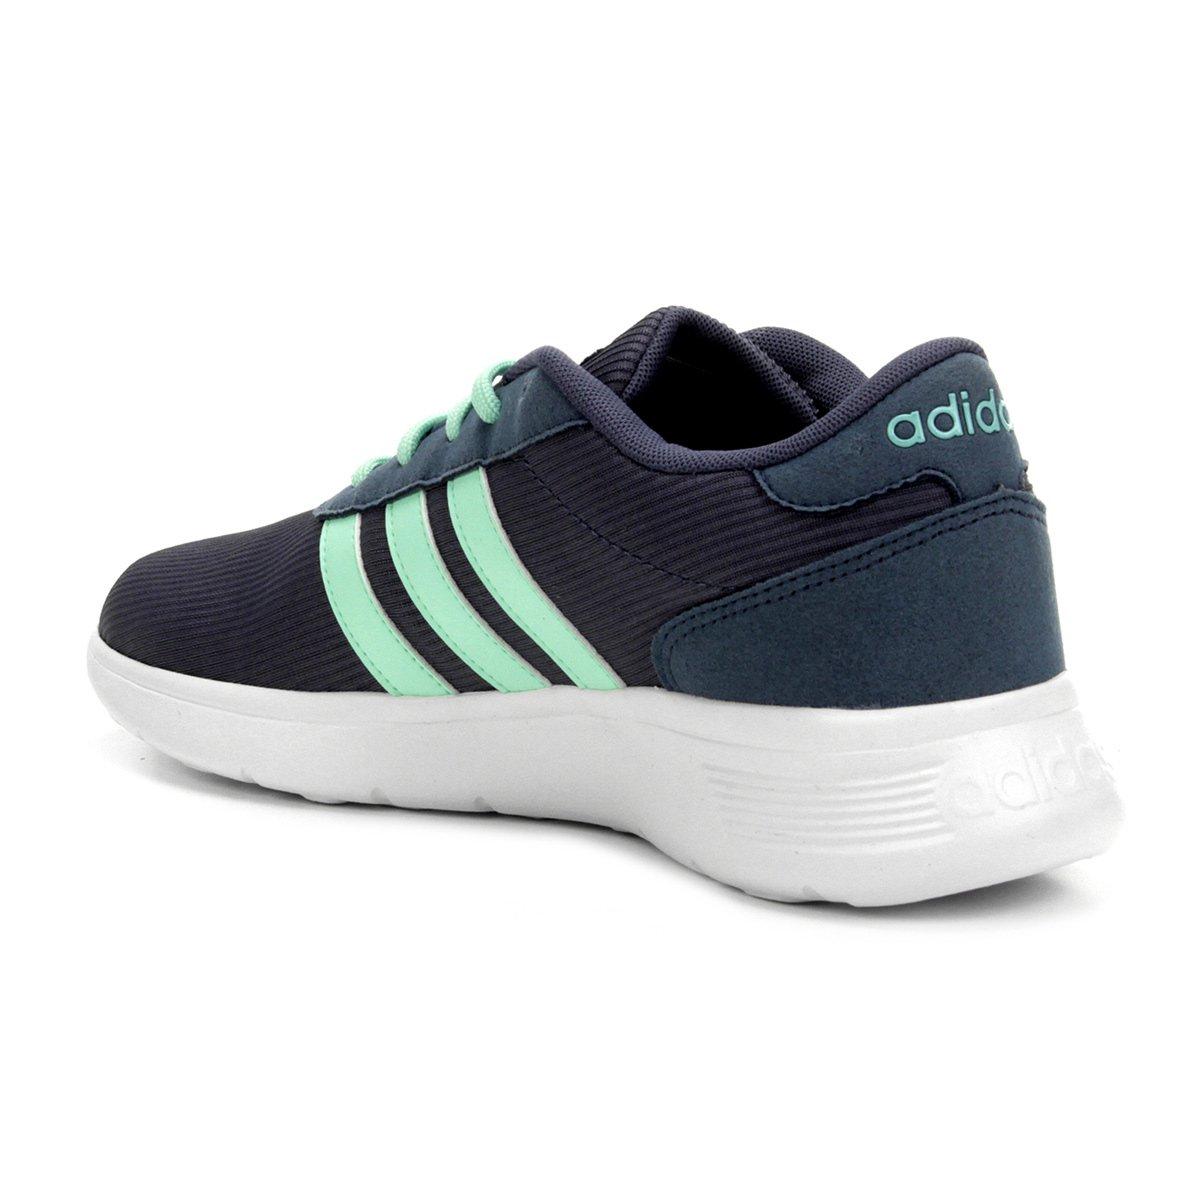 Tênis Adidas Lite Racer W Feminino - Marinho e Verde - Compre Agora ... bcfb2274abb21